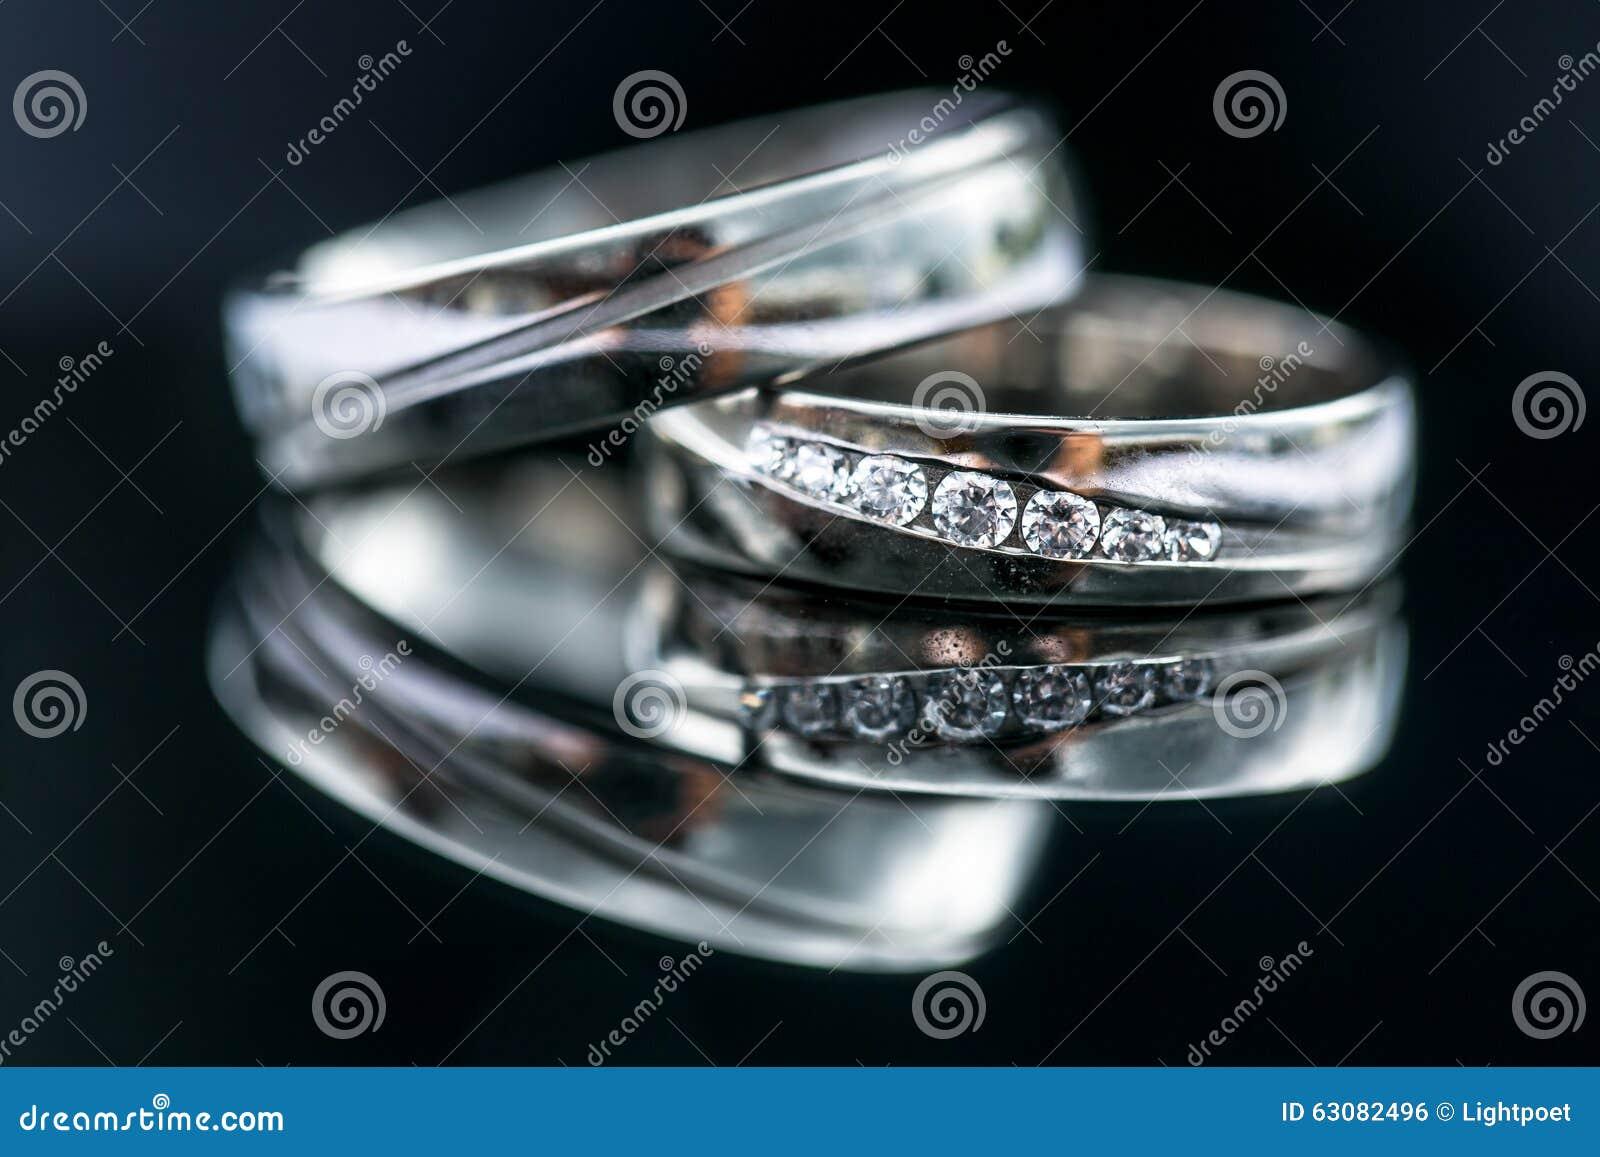 Download Détails De Jour Du Mariage - Deux Beaux Anneaux De Mariage D'or Photo stock - Image du famille, métal: 63082496